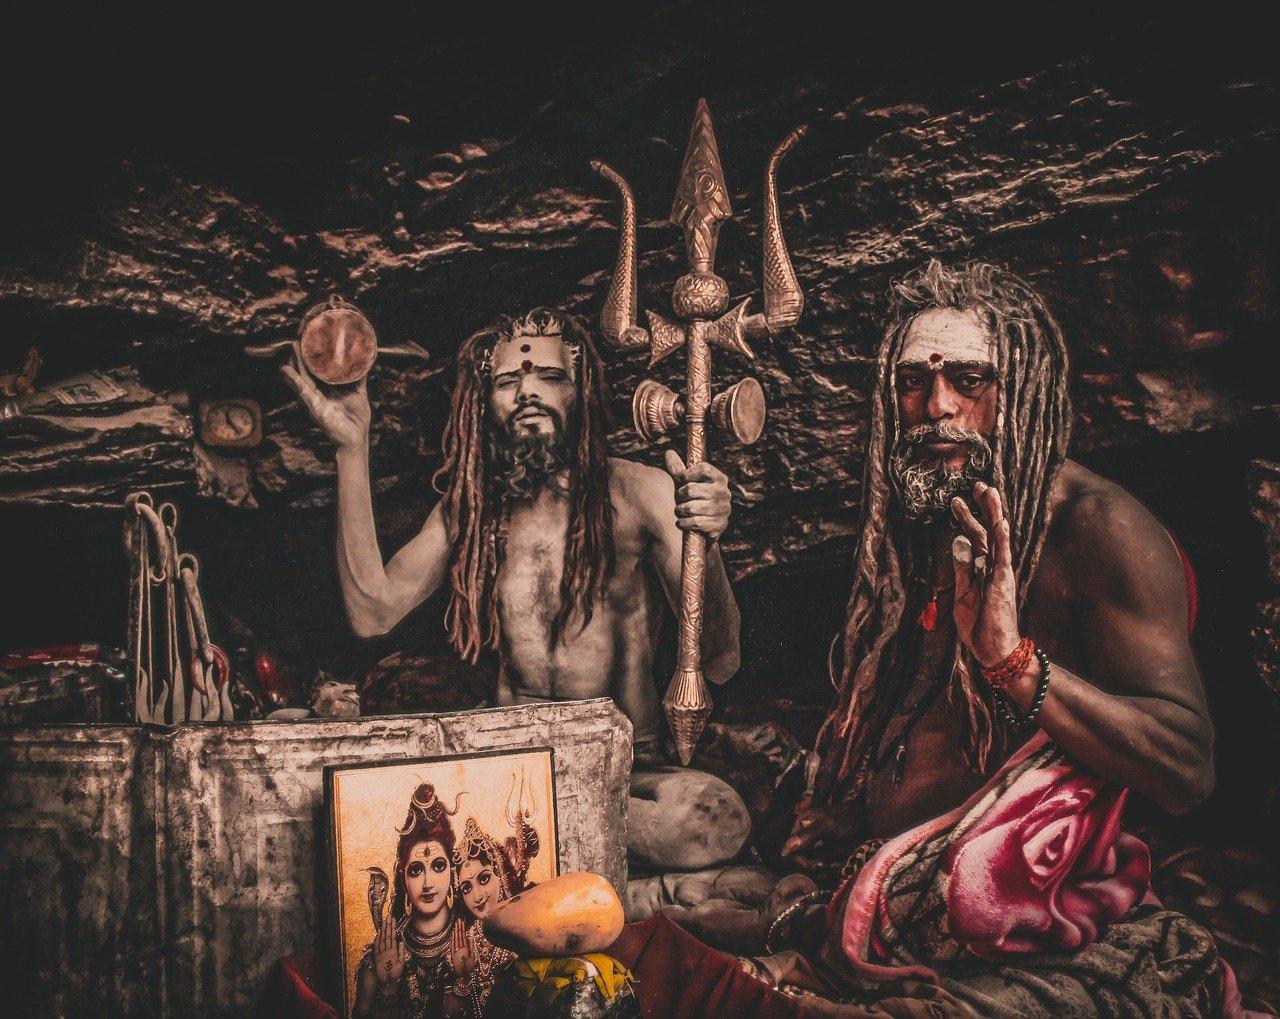 priests of shiva worshipping shiva and parvati